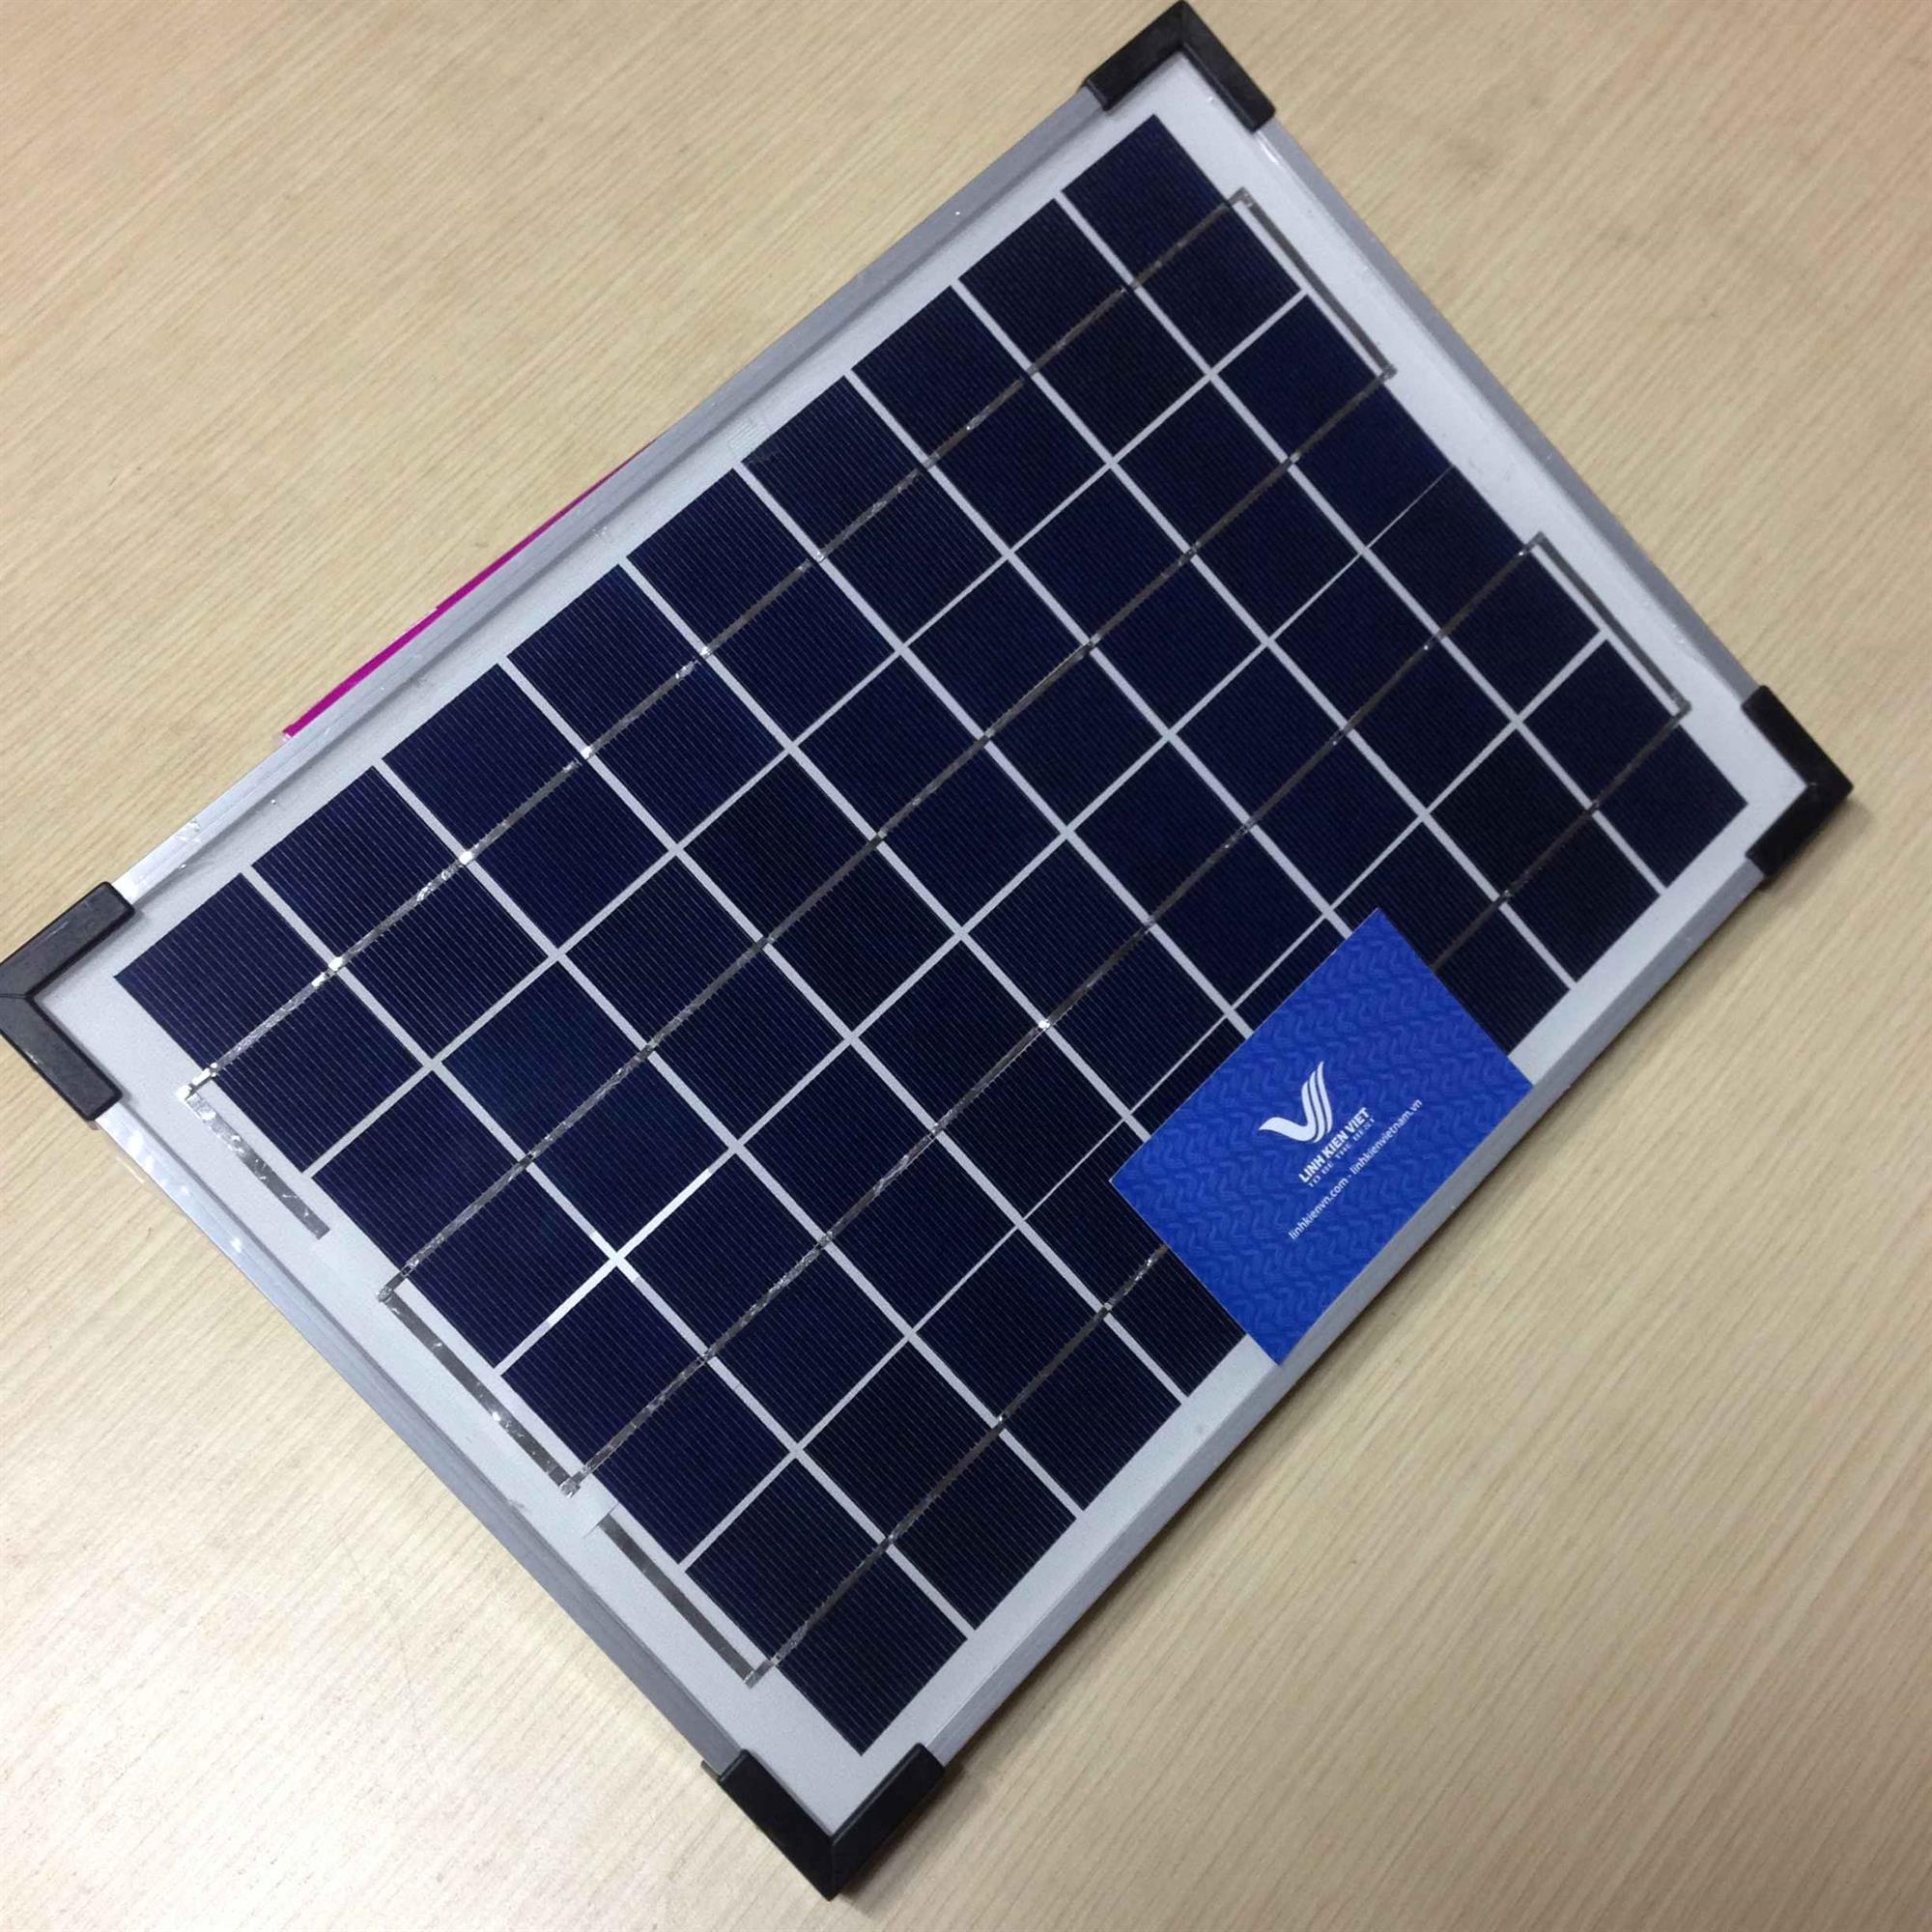 Pin năng lượng mặt trời 34x28.5cm 18V 10W (không khuyến mại)